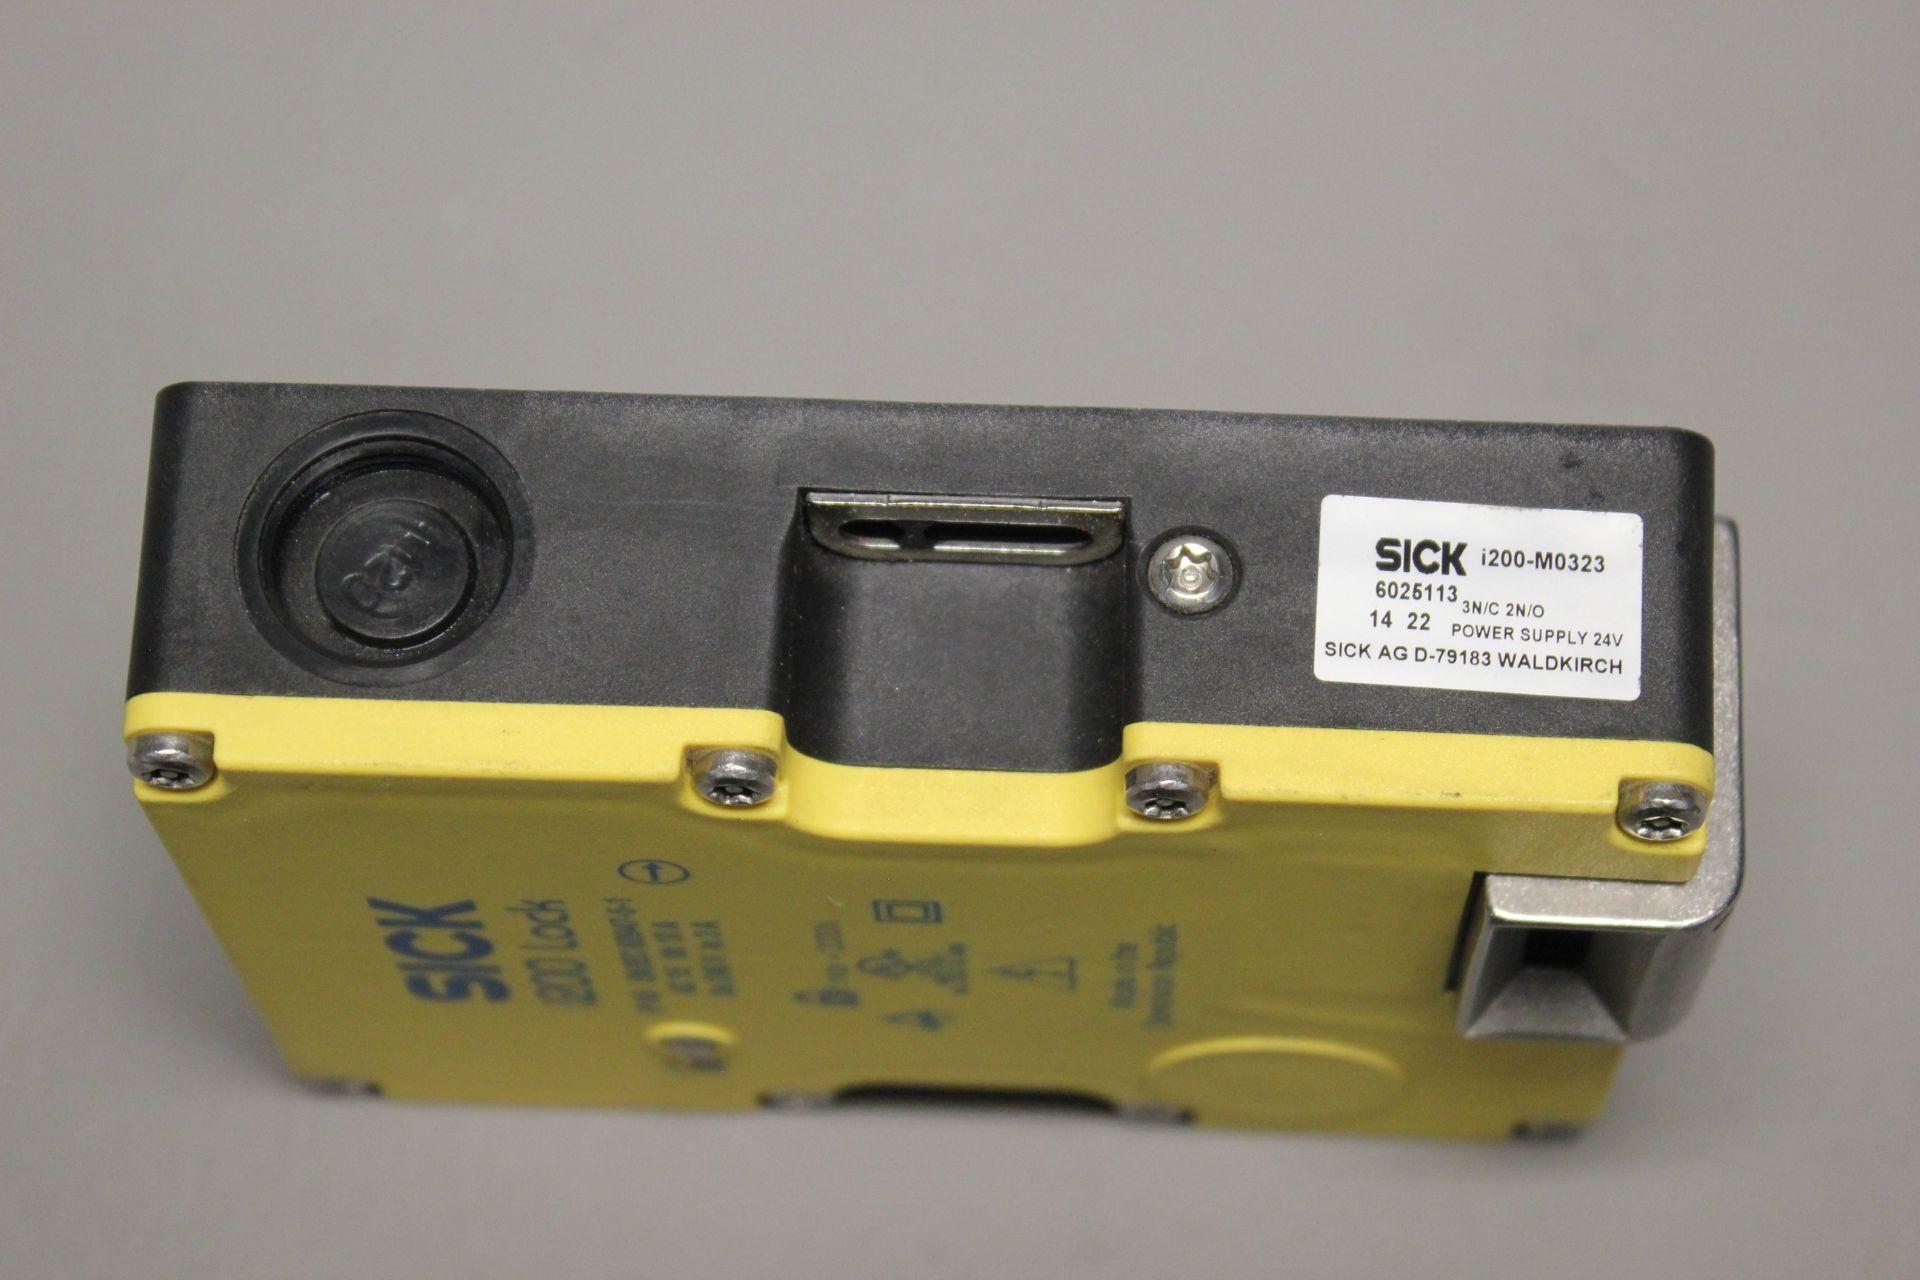 SICK i200 SAFETY INTERLOCK SWITCH - Image 2 of 3